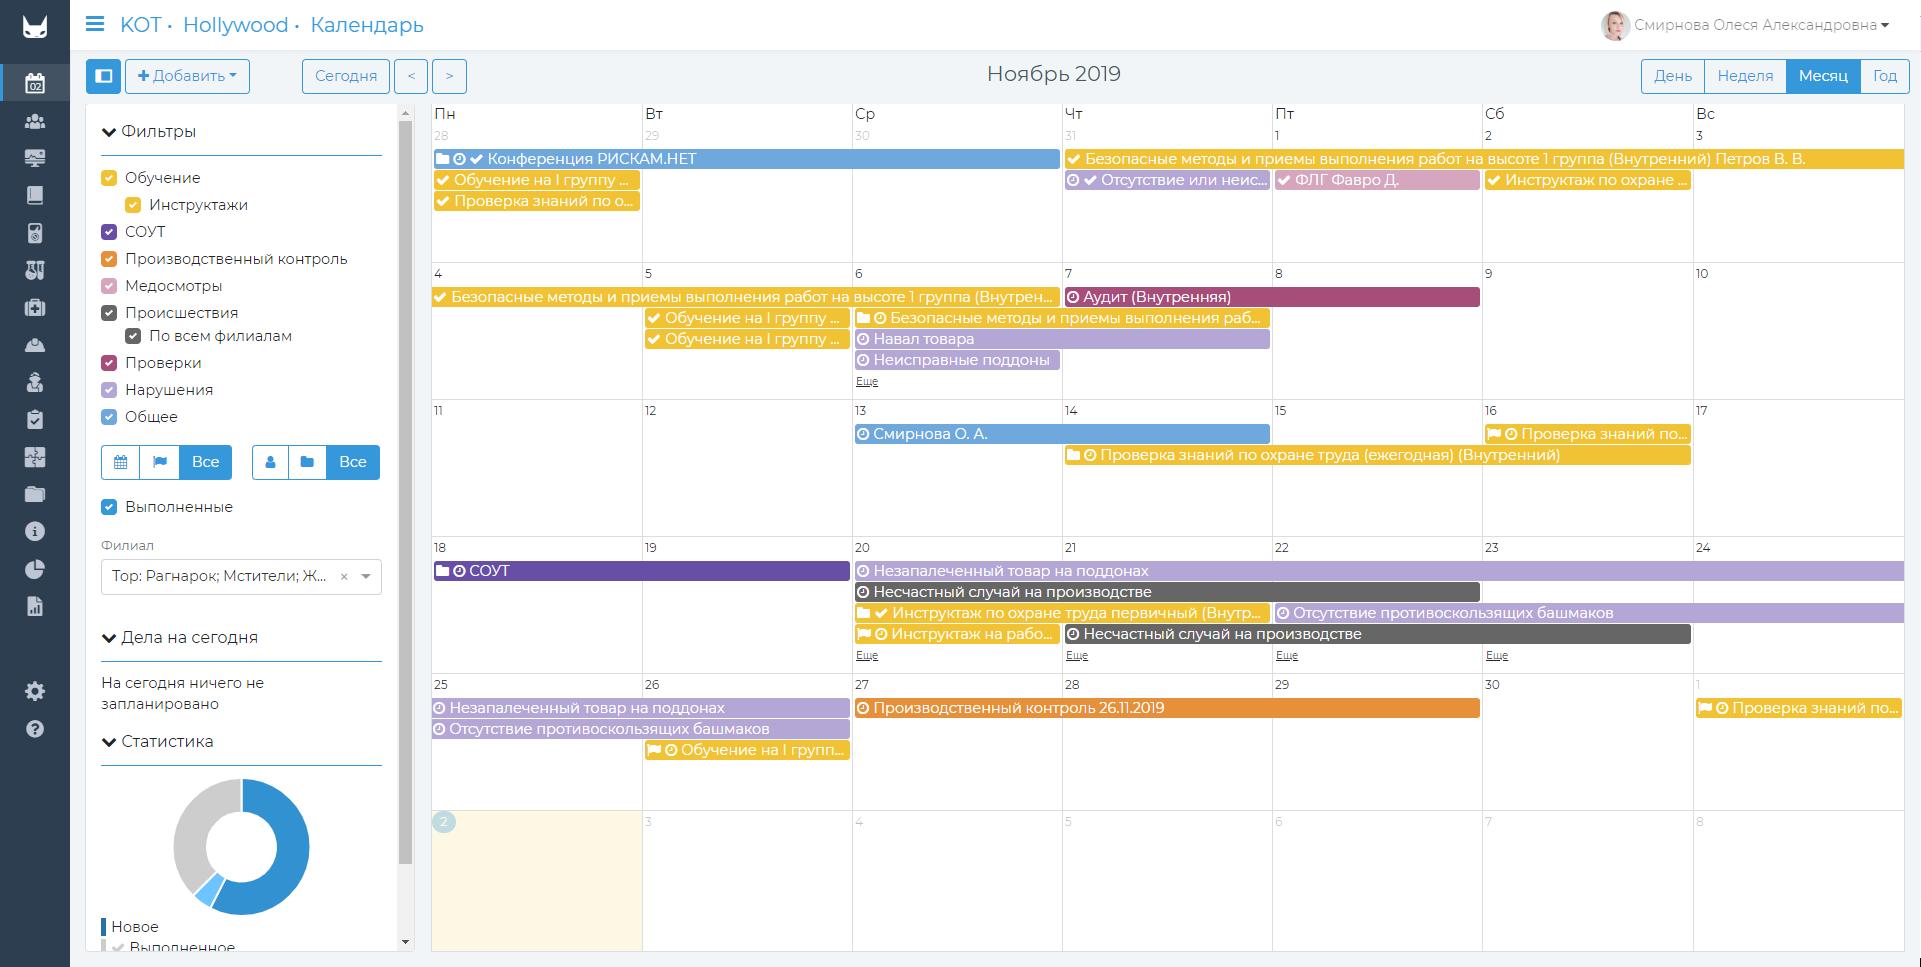 Календарь событий ПК КОТ